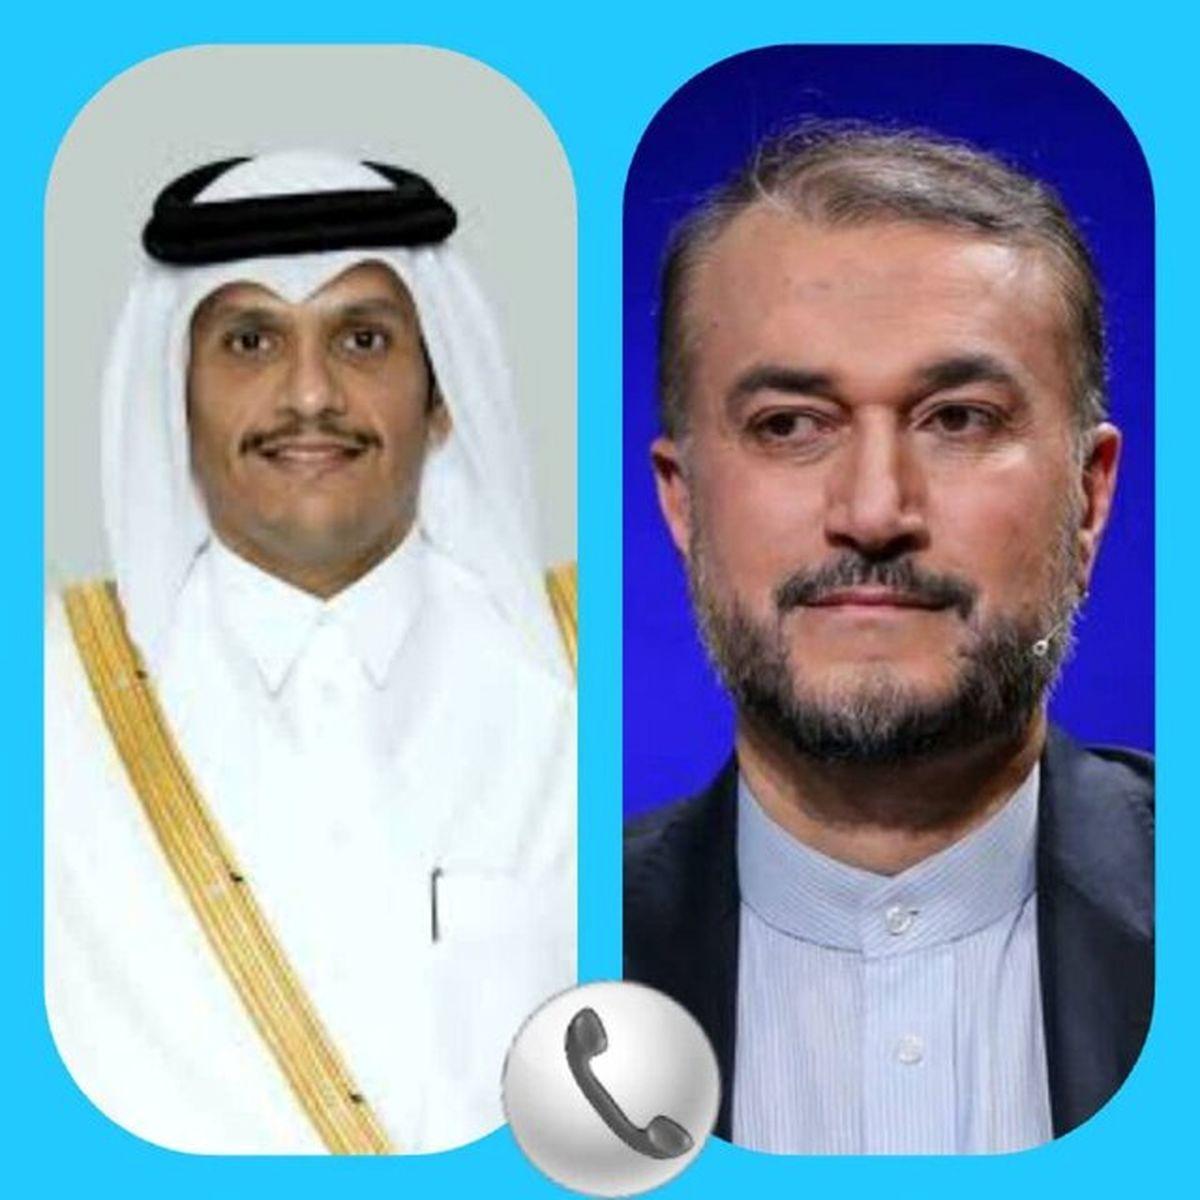 جزئیات مهم گفتوگوی تلفنی وزیر خارجه ایران با وزیر خارجه قطر